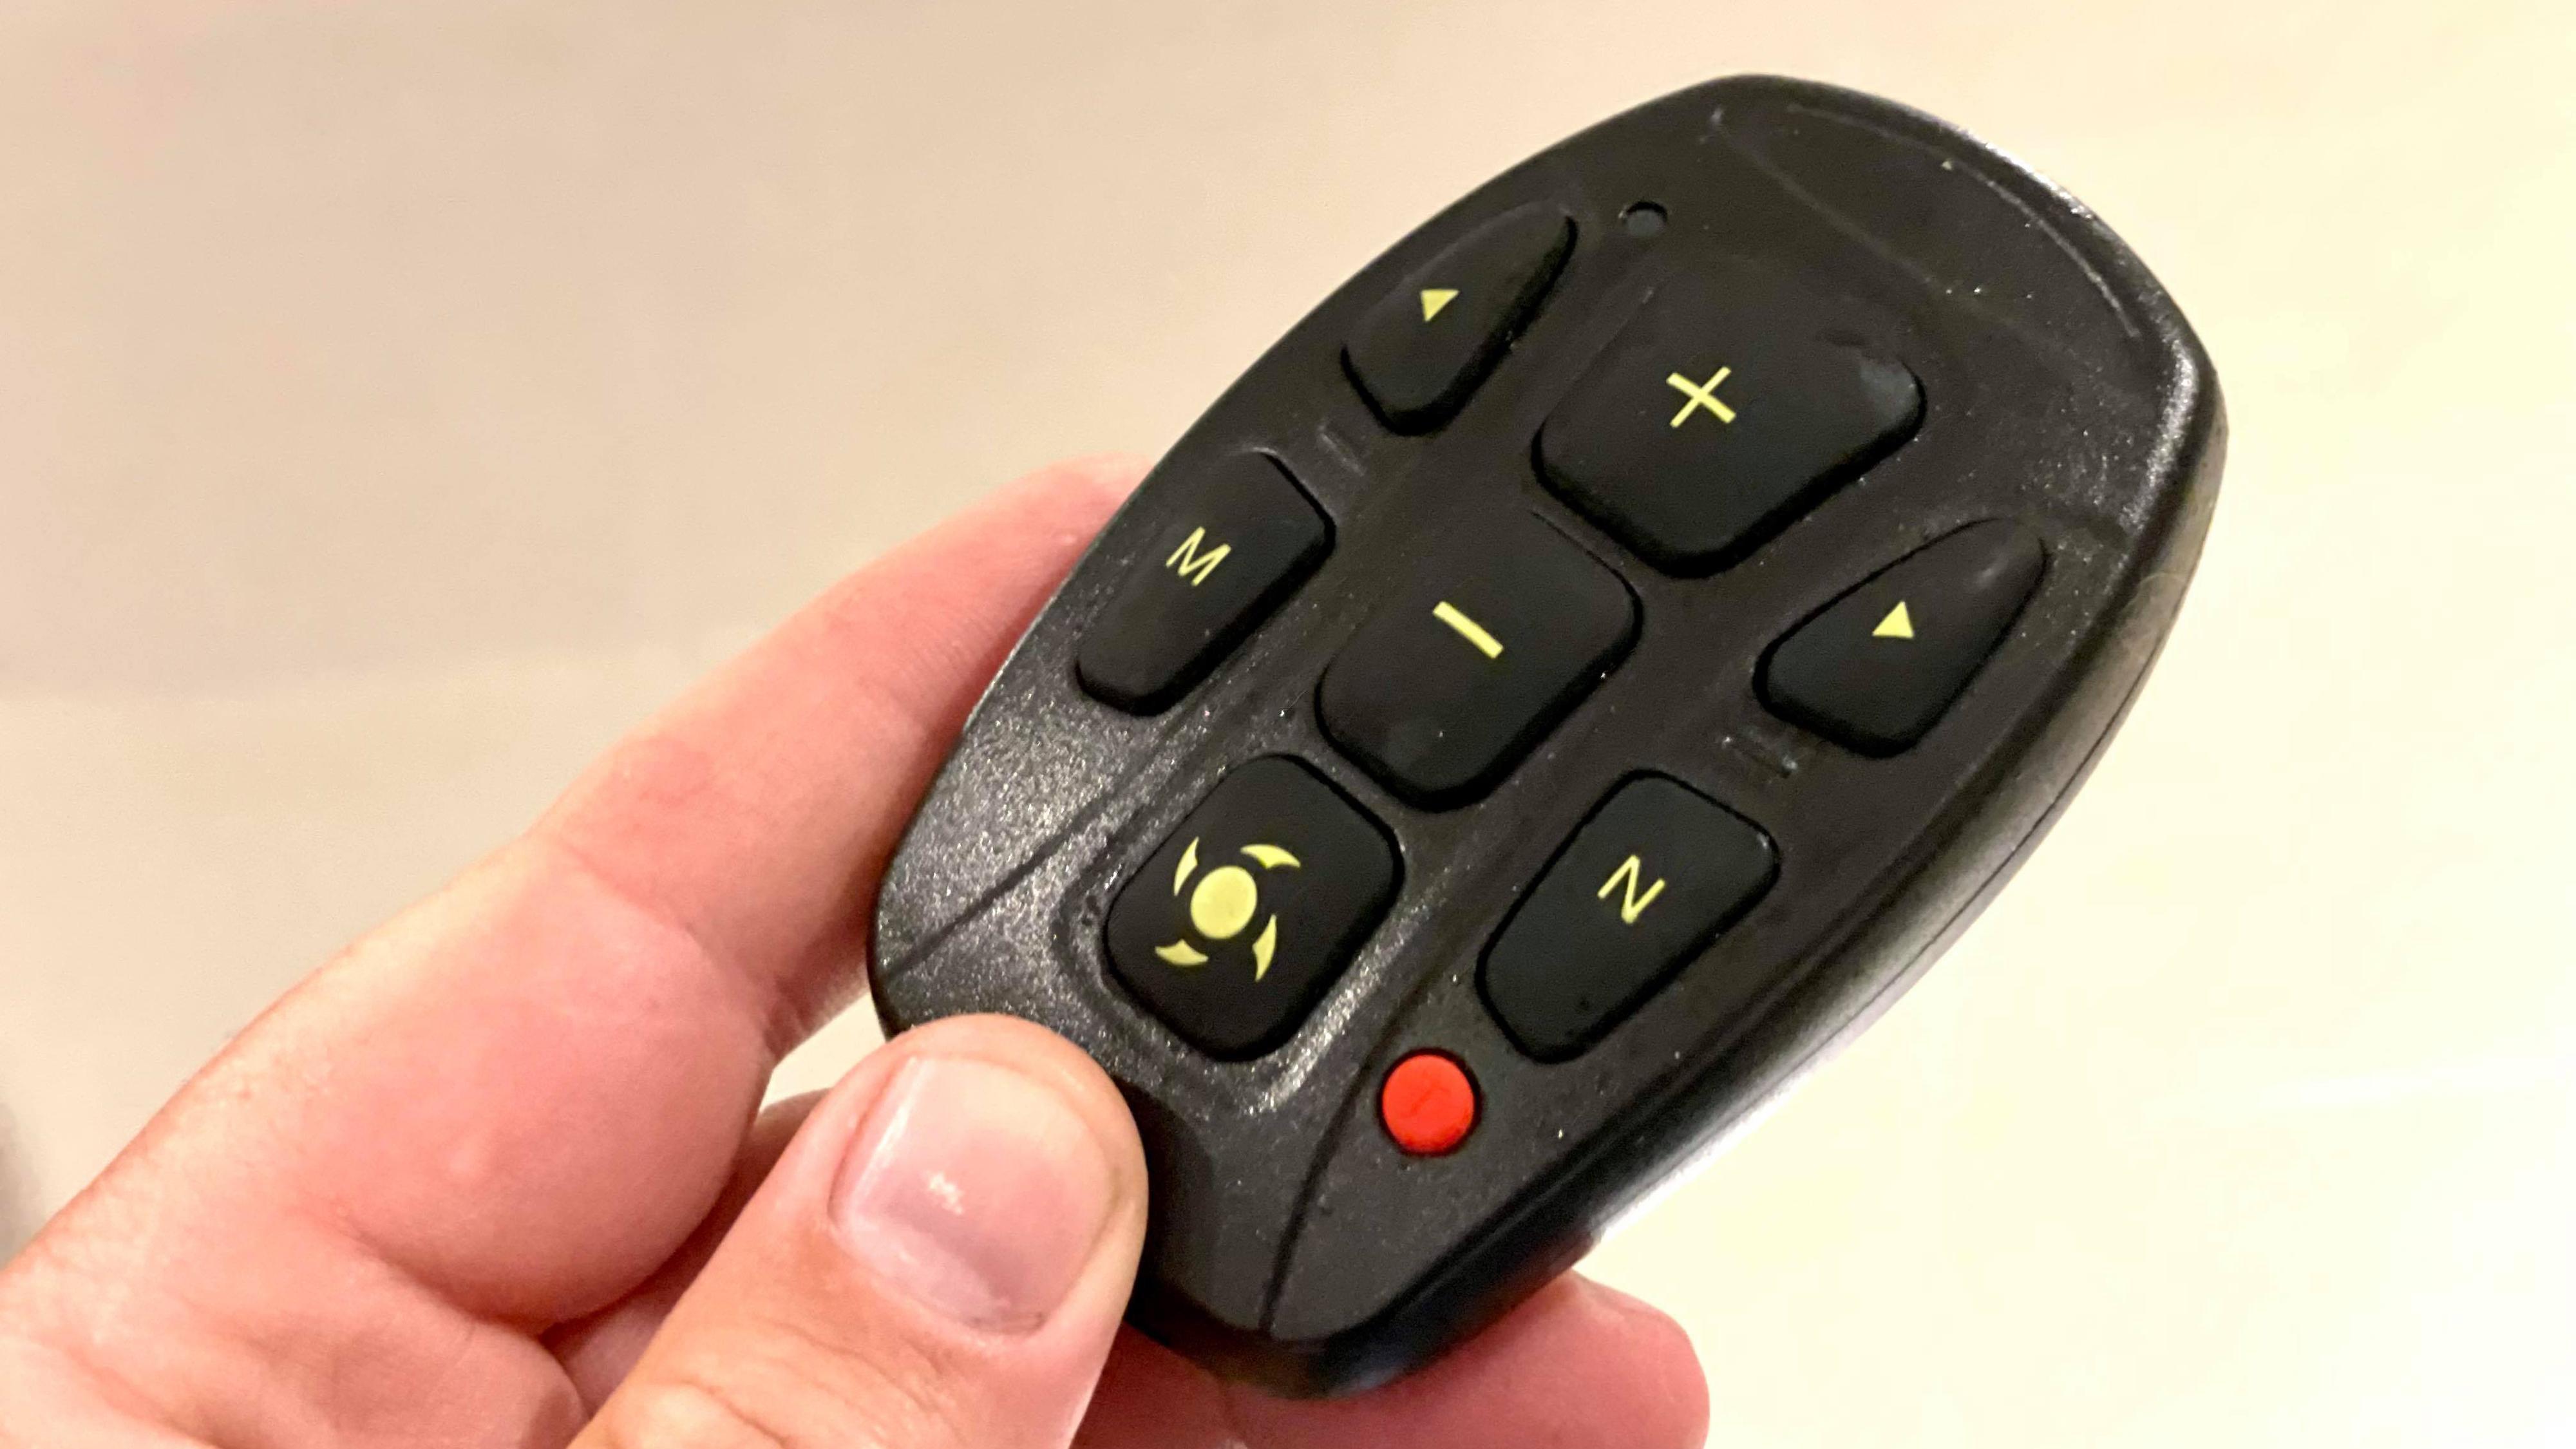 En fjernkontroll som er lett å bruke hører til. Den gir imidlertid ikke informasjon om batteristatus eller hva motoren gjør akkurat nå.